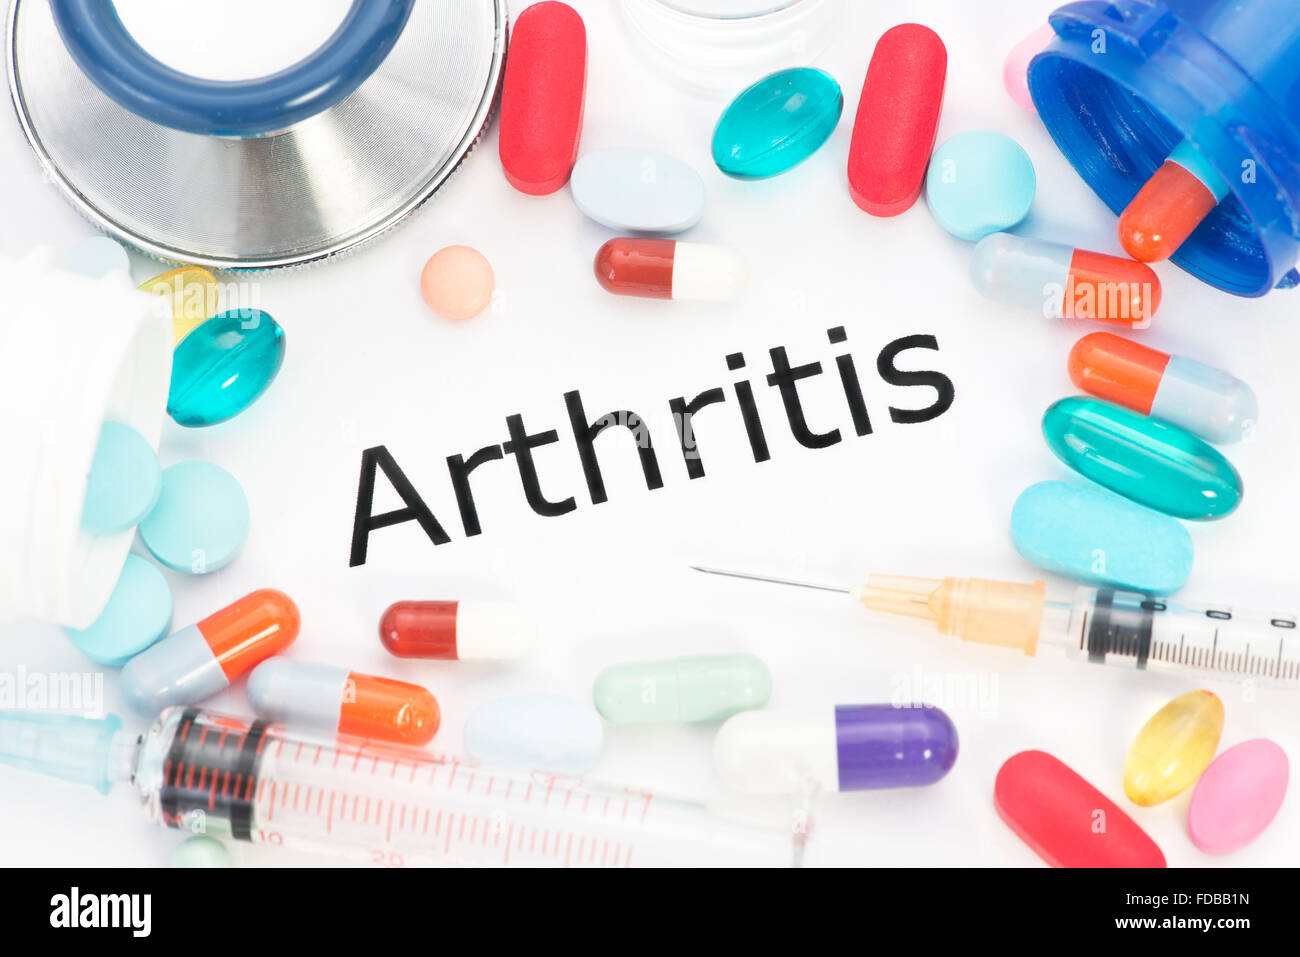 Arthritis-Konzept Foto mit Medikamenten. Stockbild